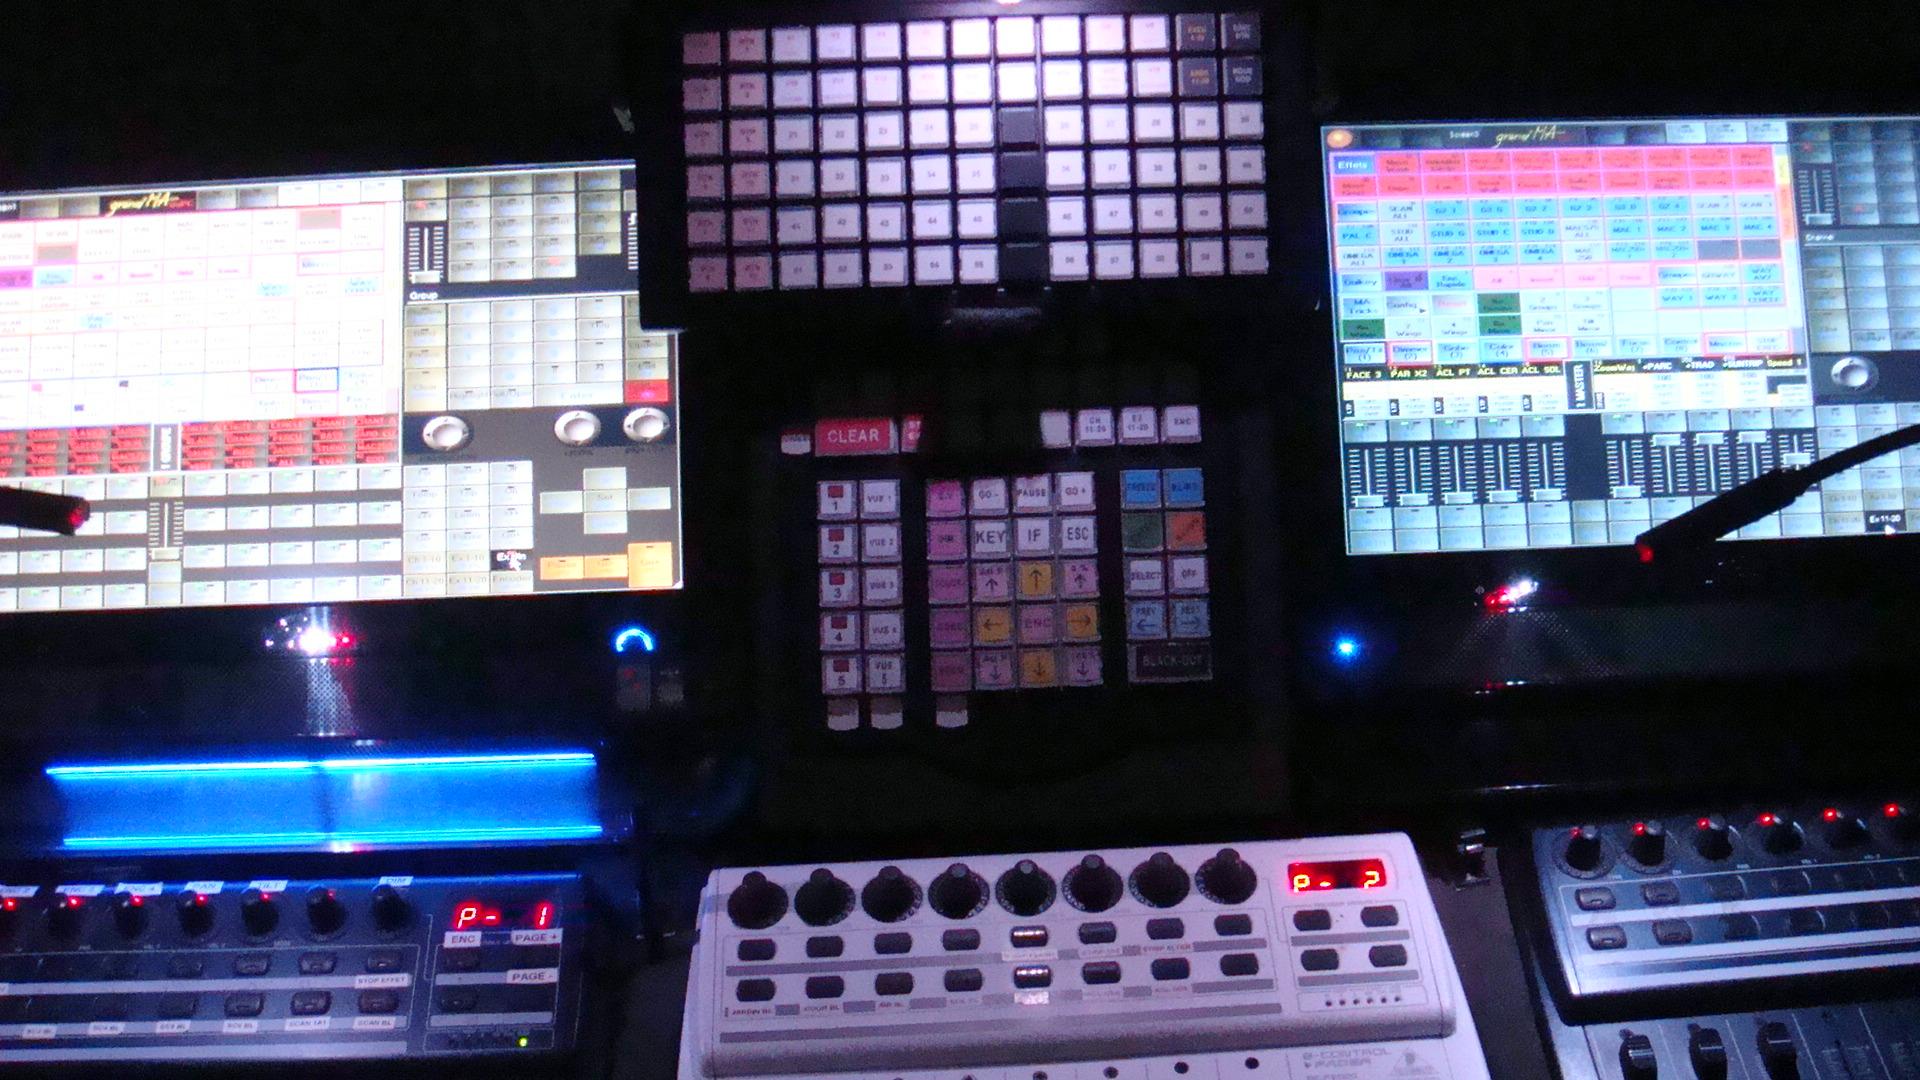 Ma Lighting GrandMA OnPC Le diner de cons images  sc 1 st  Audiofanzine & Ma Lighting GrandMA OnPC image (#451485) - Audiofanzine azcodes.com